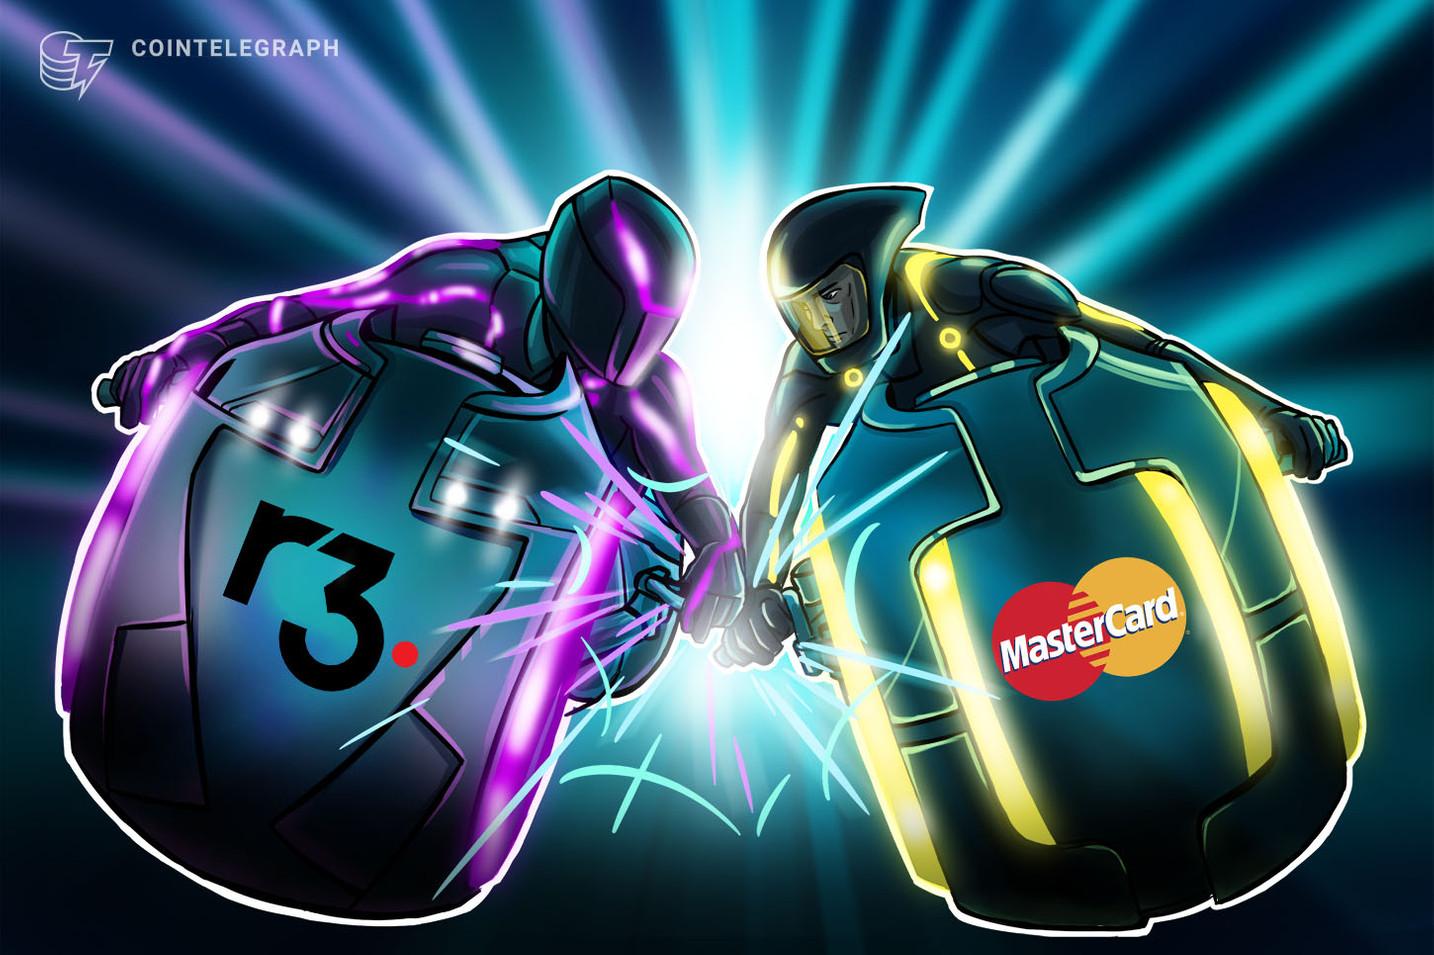 Mastercard se asocia con la firma blockchain R3 para una solución de pagos